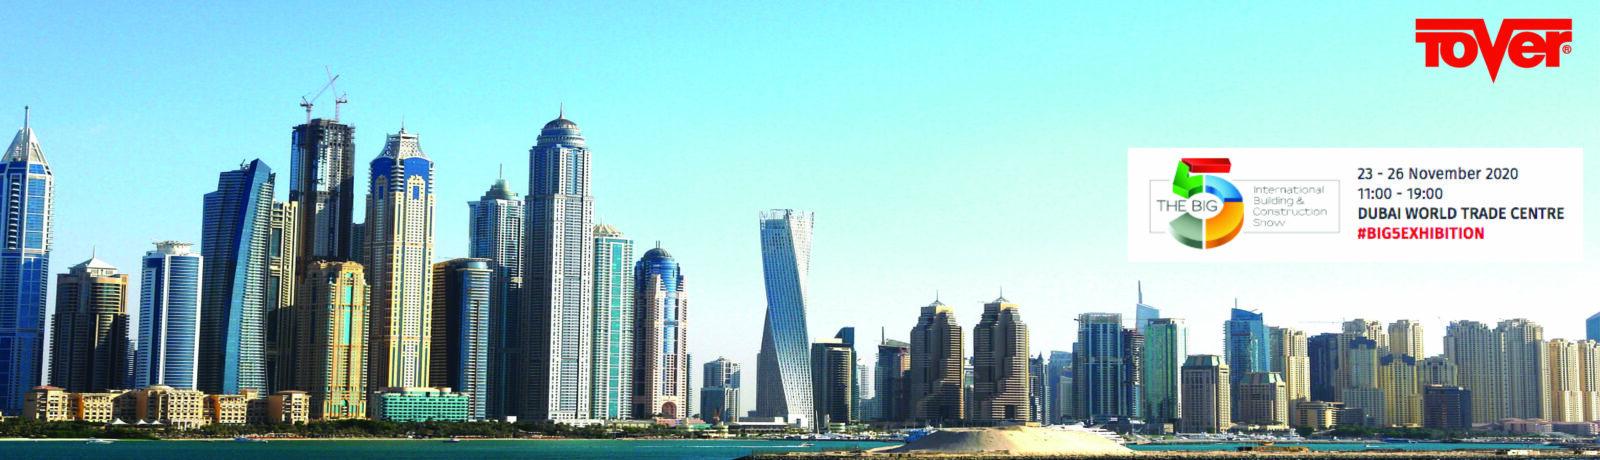 Tover_Dubai_20_19